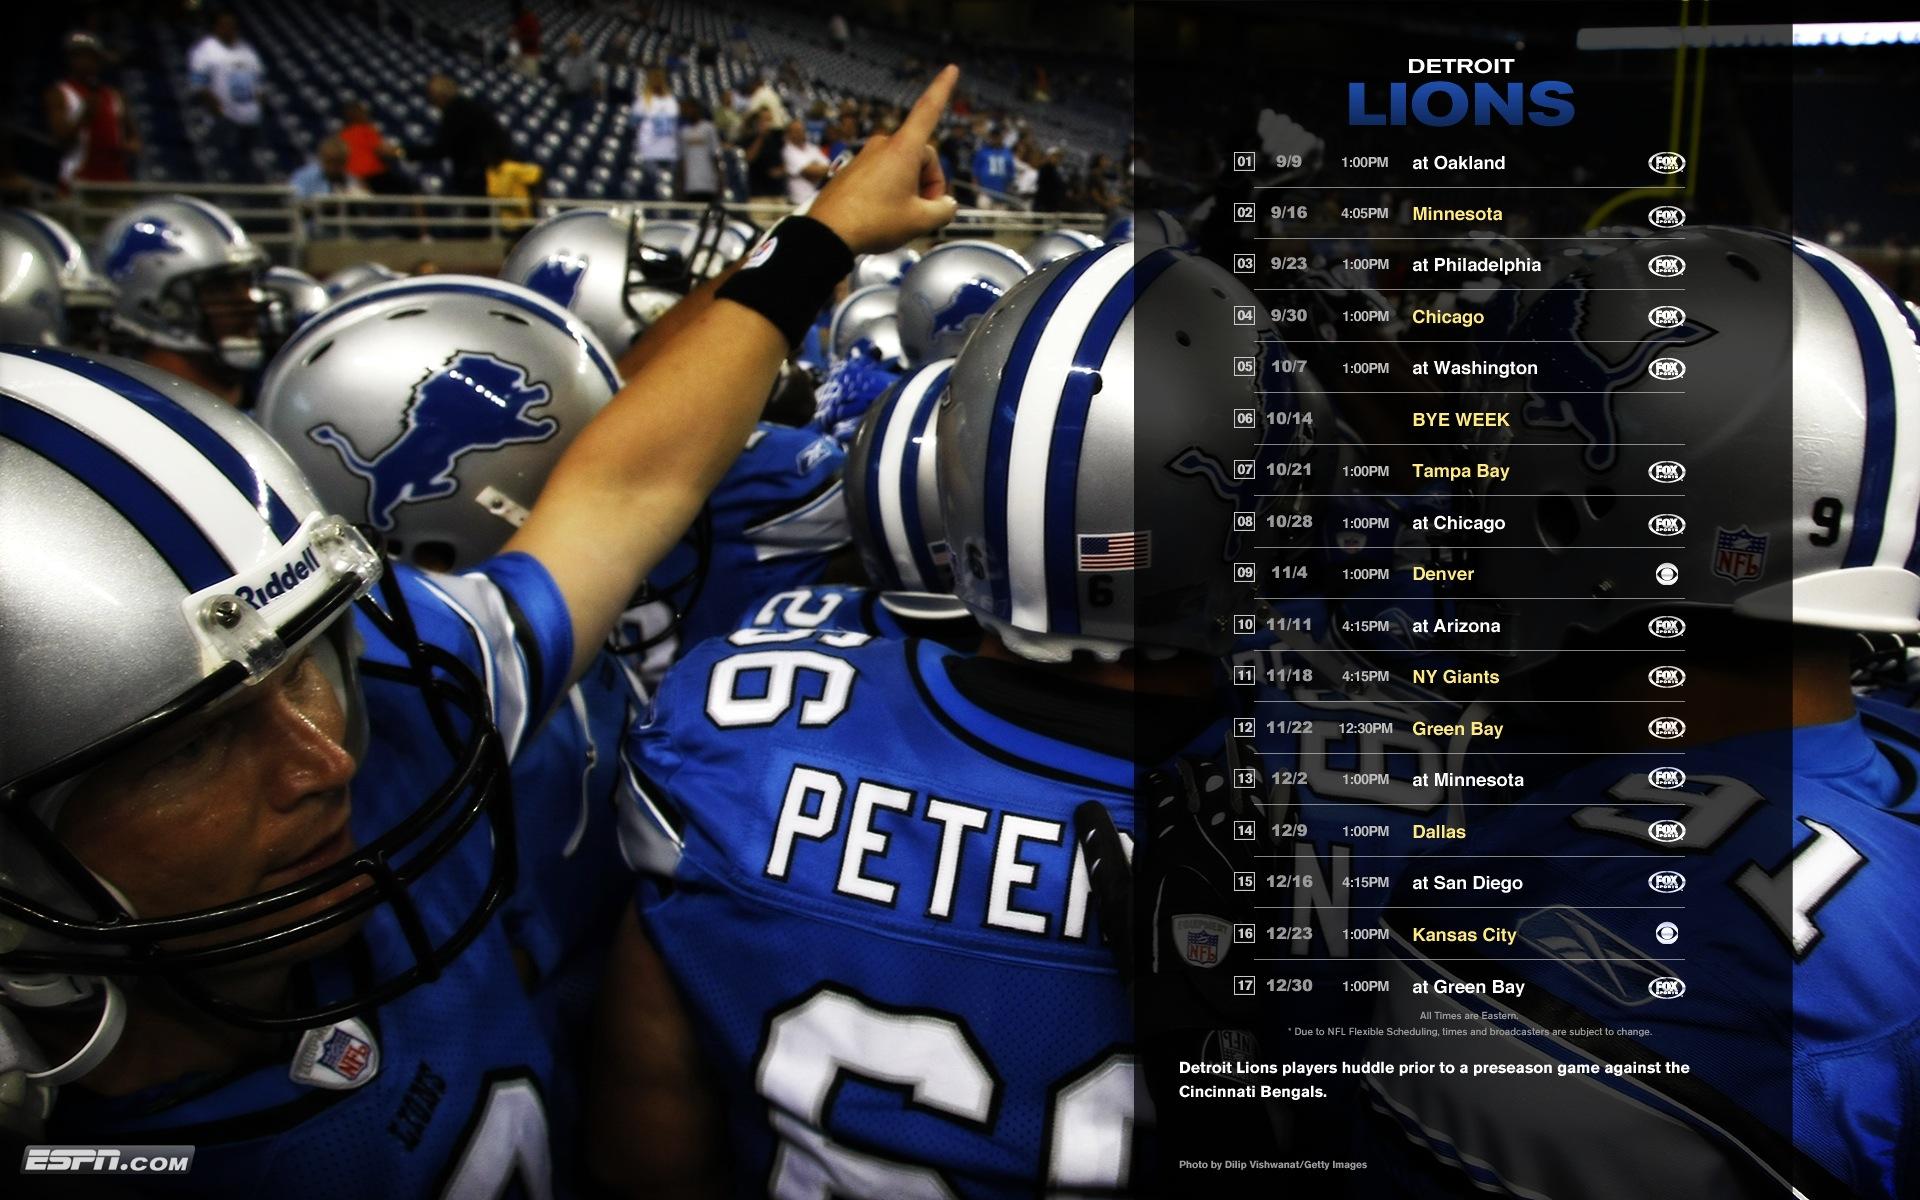 Download Detroit Lions wallpaper detroit lions wallpaper 1920x1200